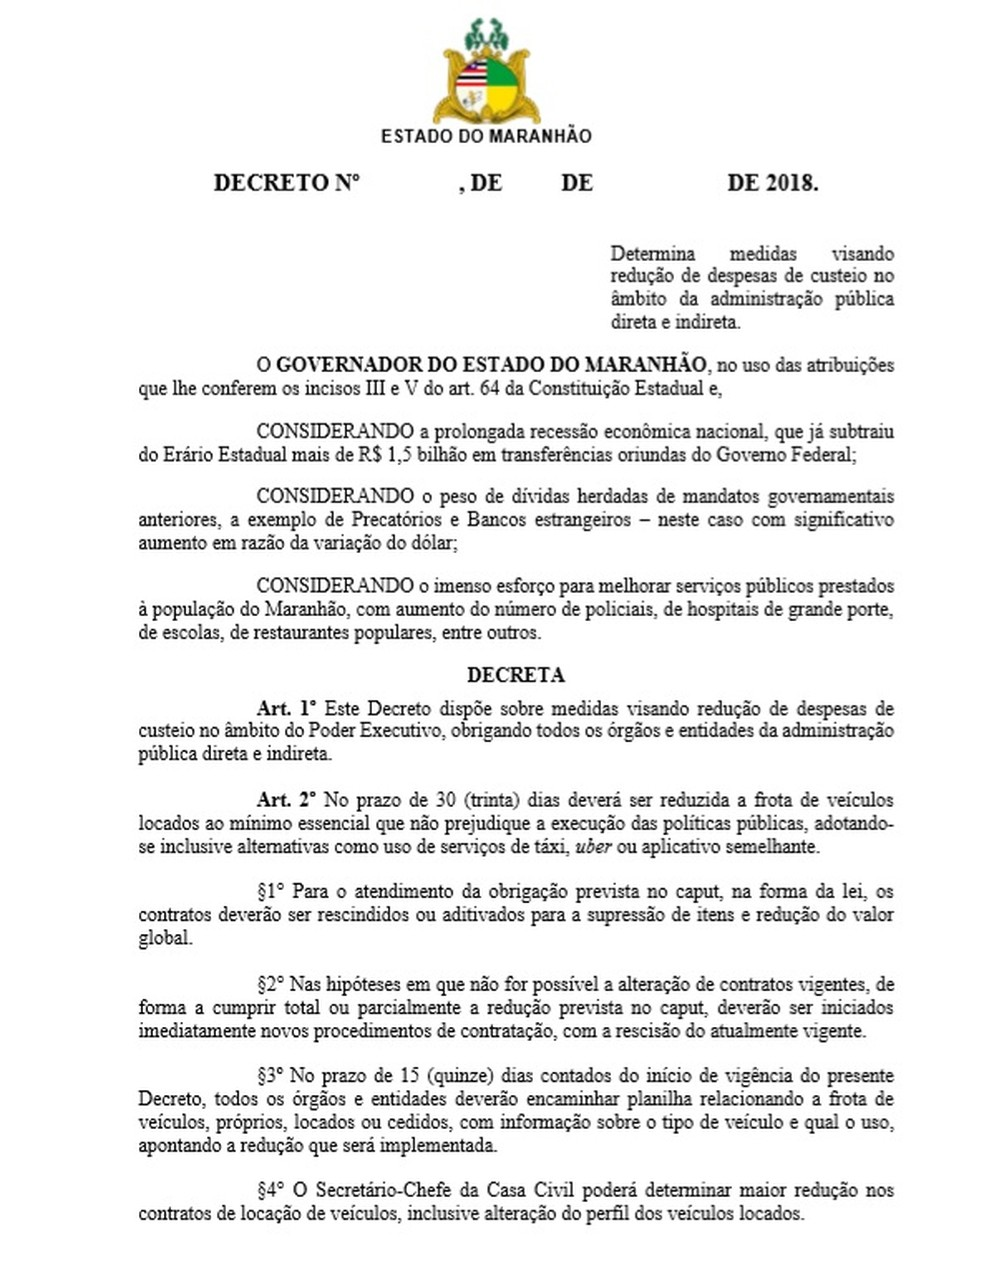 Página 1 do decreto do governo do Maranhão sobre corte de gastos — Foto: Reprodução